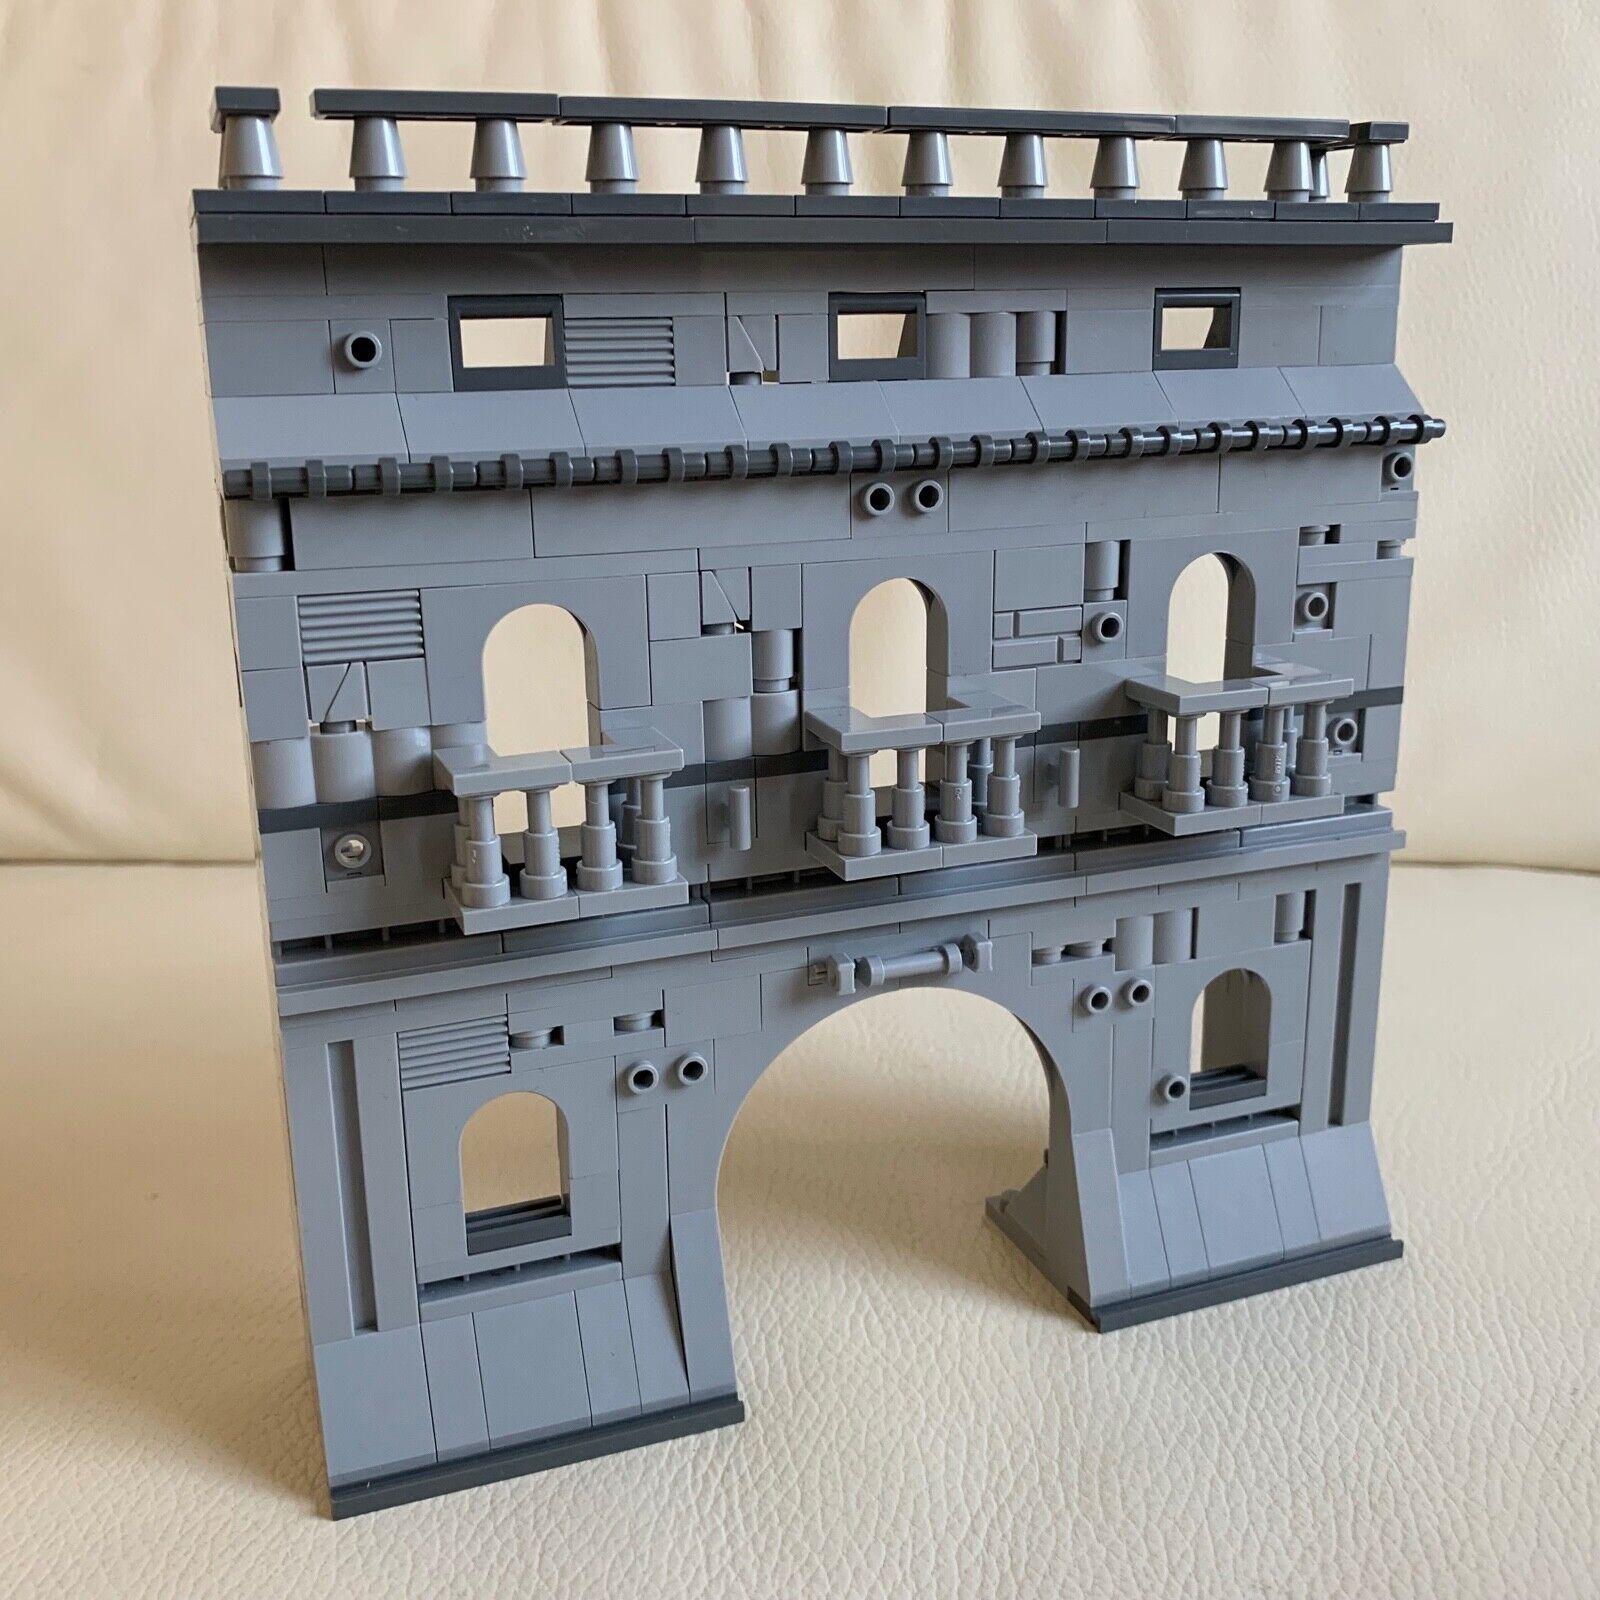 LEGO original parts parts parts European RUINS BUILDING playable solid DIORAMA my design 85 53dc3c